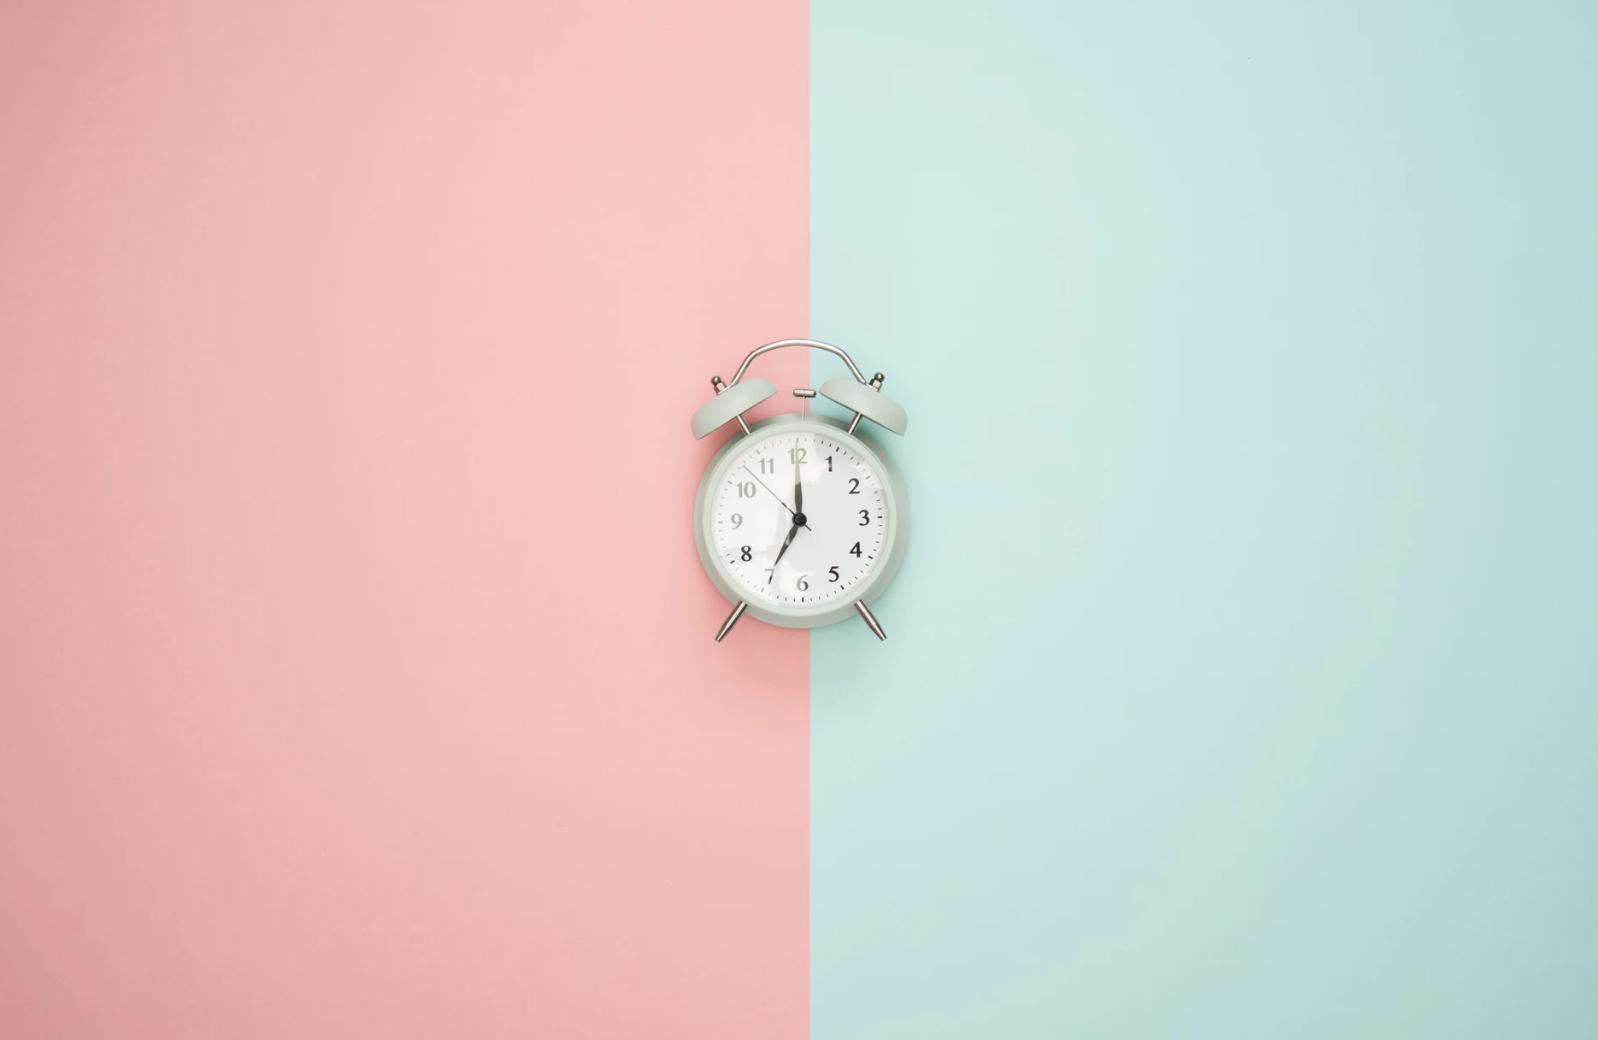 レーシック手術にかかる時間はどのくらい?レーシックの流れを解説